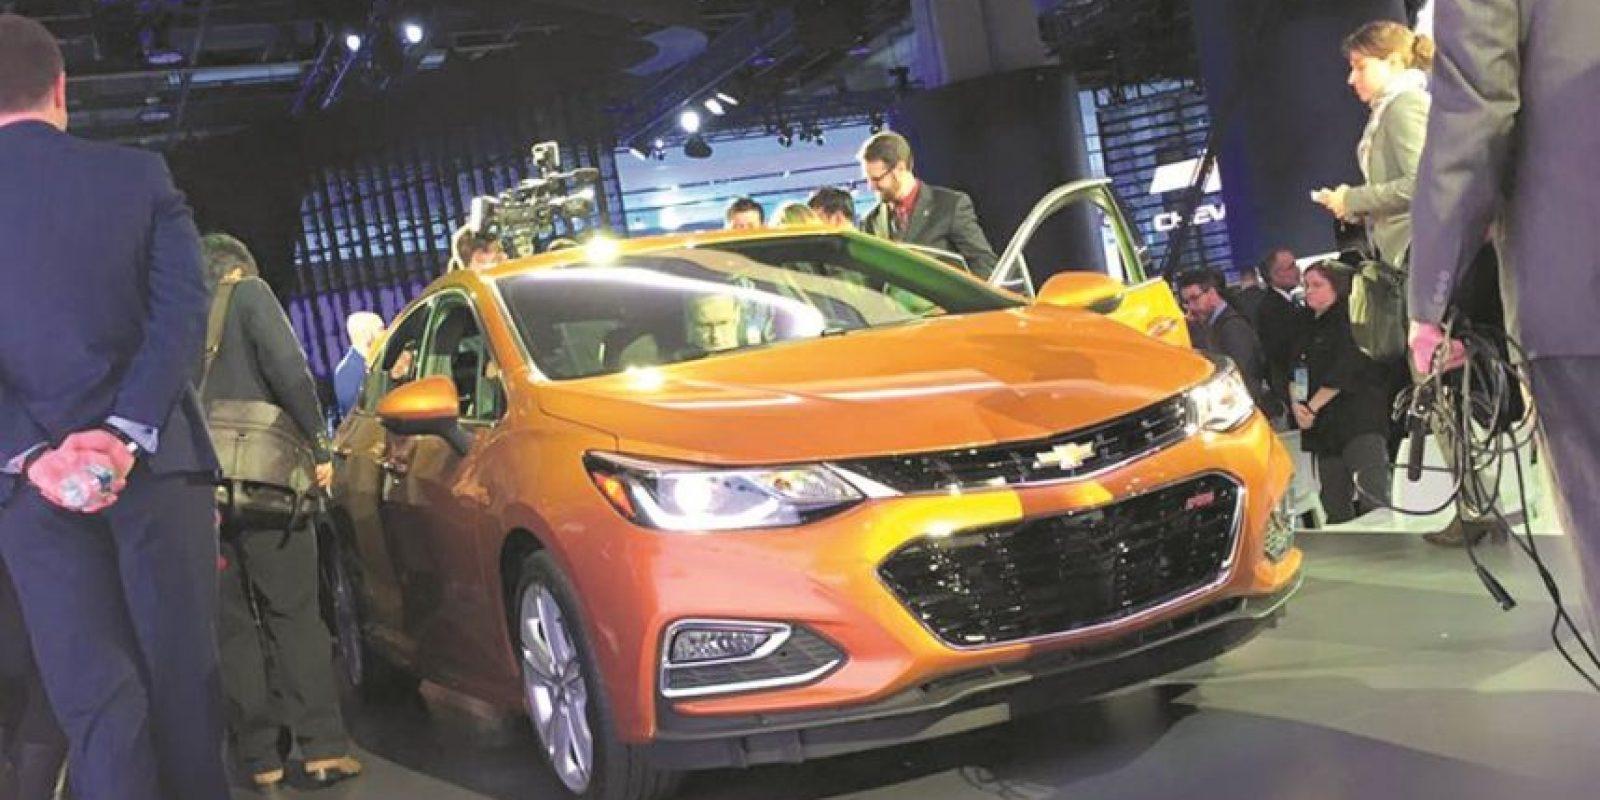 Chevrolet Cruze hatchback. Chevrolet presenta una nueva propuesta en hatchbacks con un segmento que parece tomar vigor en Estados Unidos. Es la respuesta a autos como Focus, Golf y Mazda 3, aún en especificaciones, pues contará con versiones más equipadas tal y como el segmento lo demanda. Foto:Fuente Externa